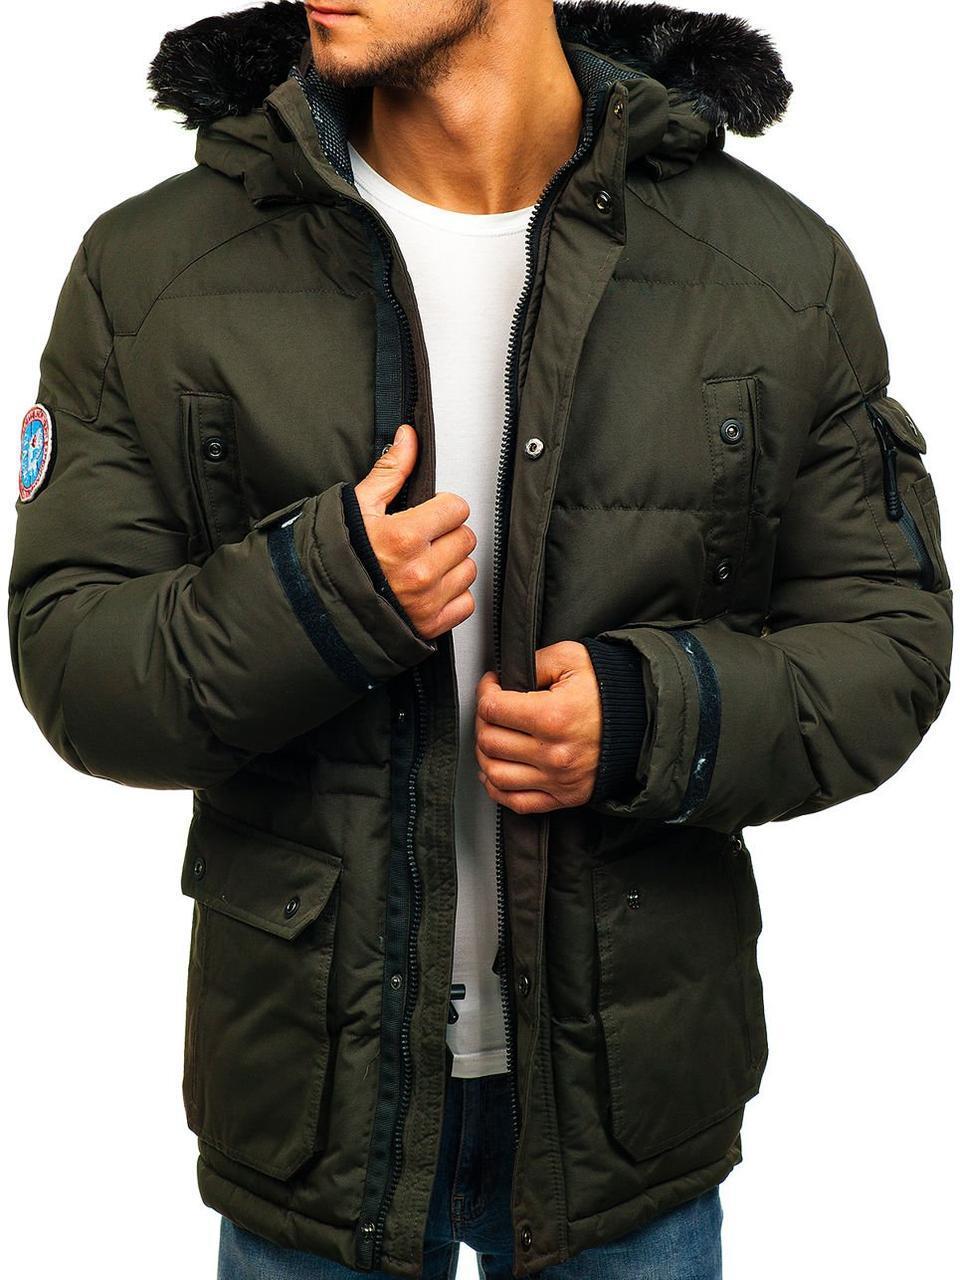 Зимняя стёганая мужская куртка с капюшоном №6 Зеленый